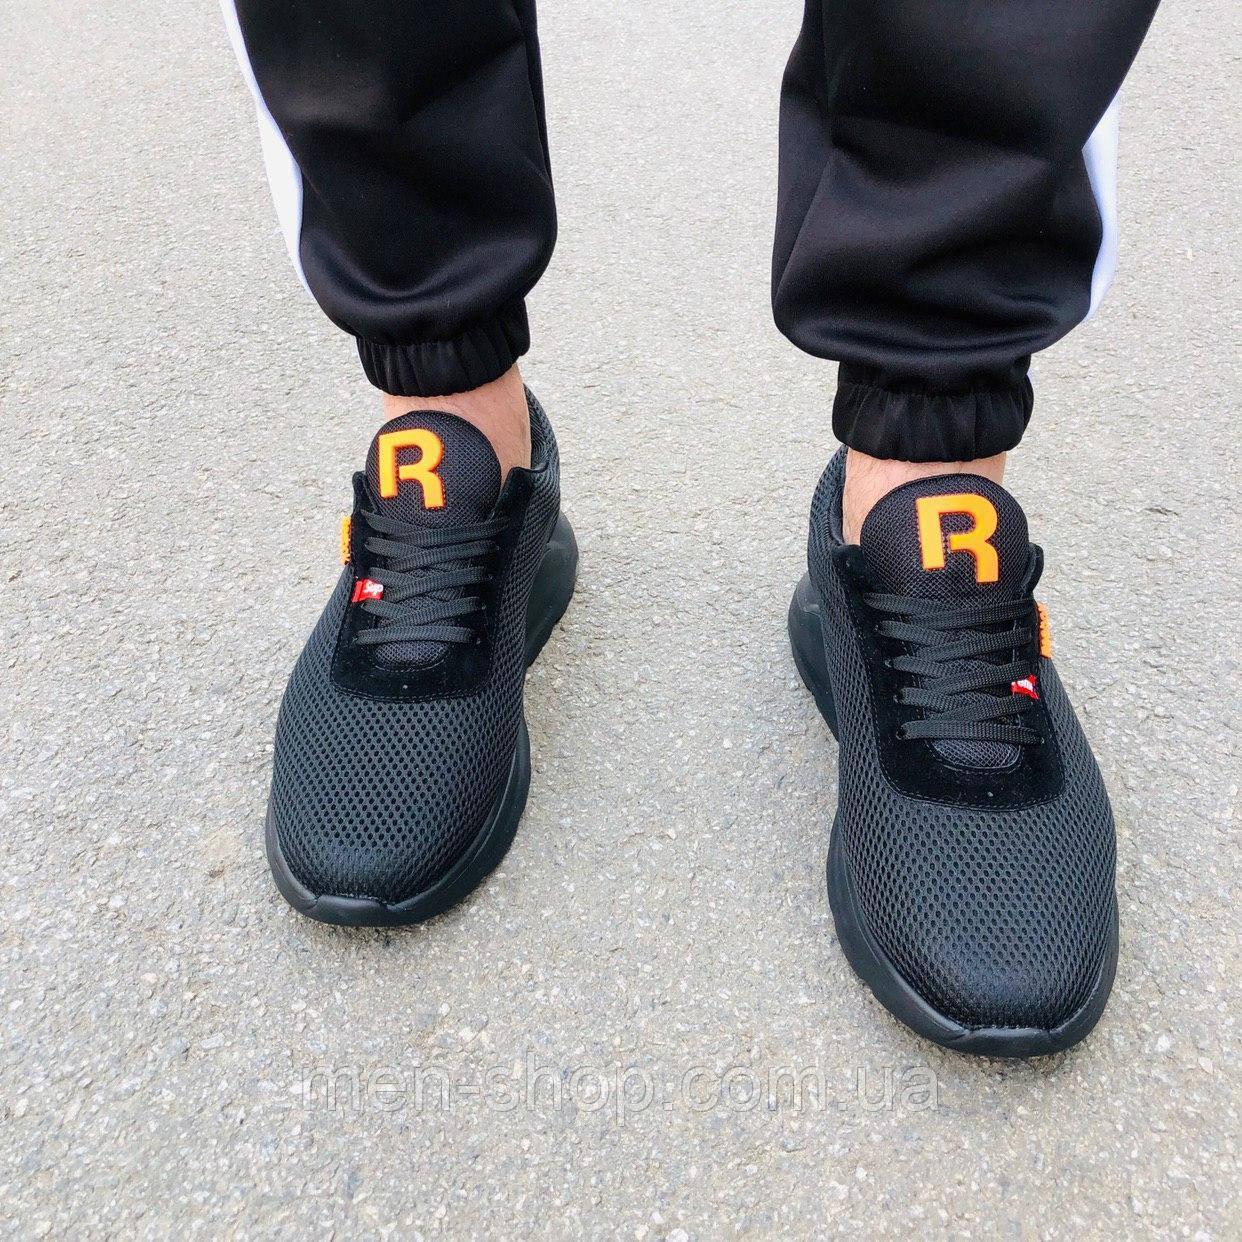 Мужские черные кроссовки в стиле Reebok